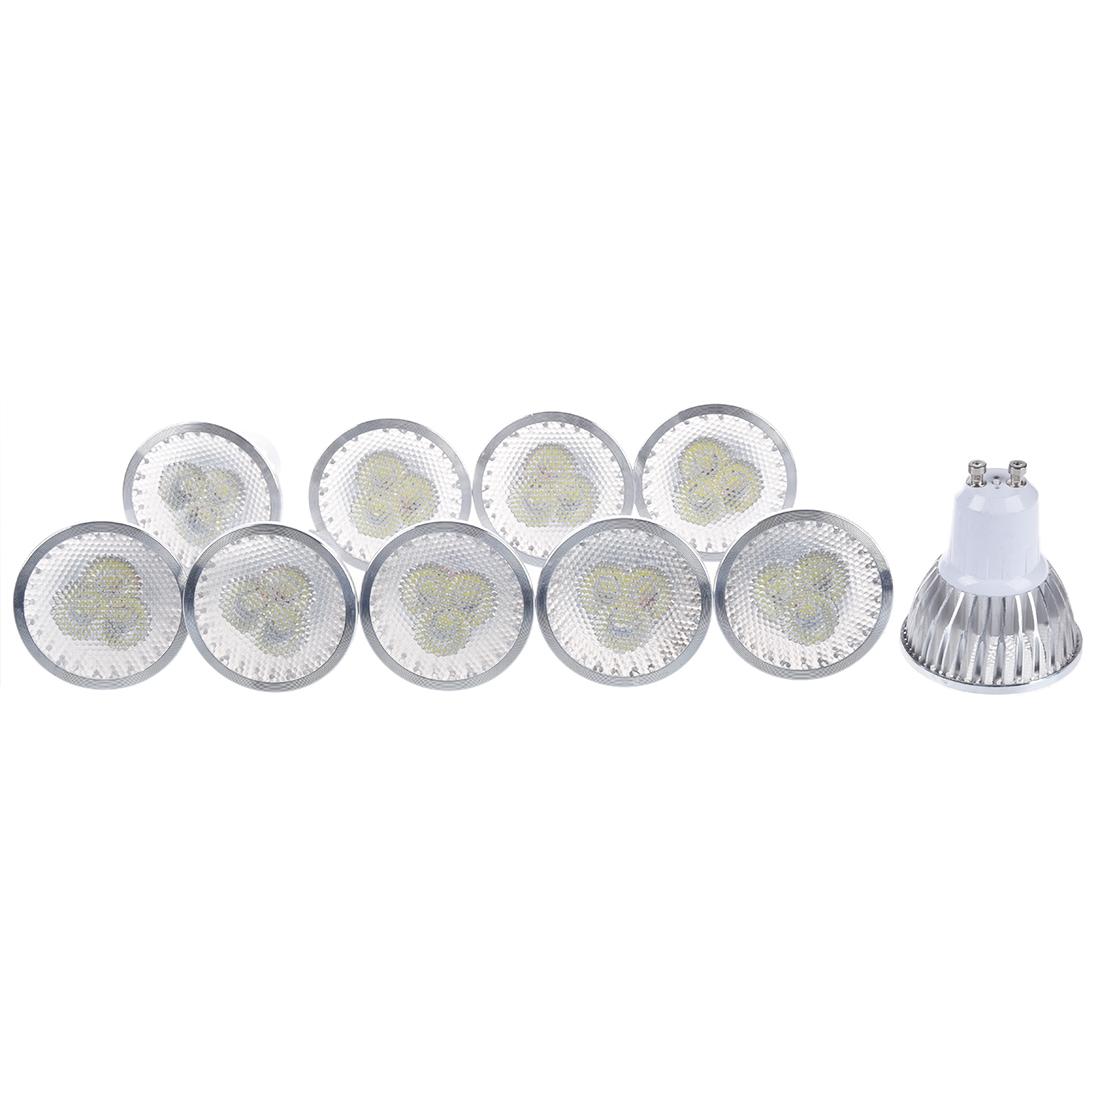 10 x gu10 3 led ampoule bulb spot lampe dimmable blanc haute puissance wt ebay. Black Bedroom Furniture Sets. Home Design Ideas